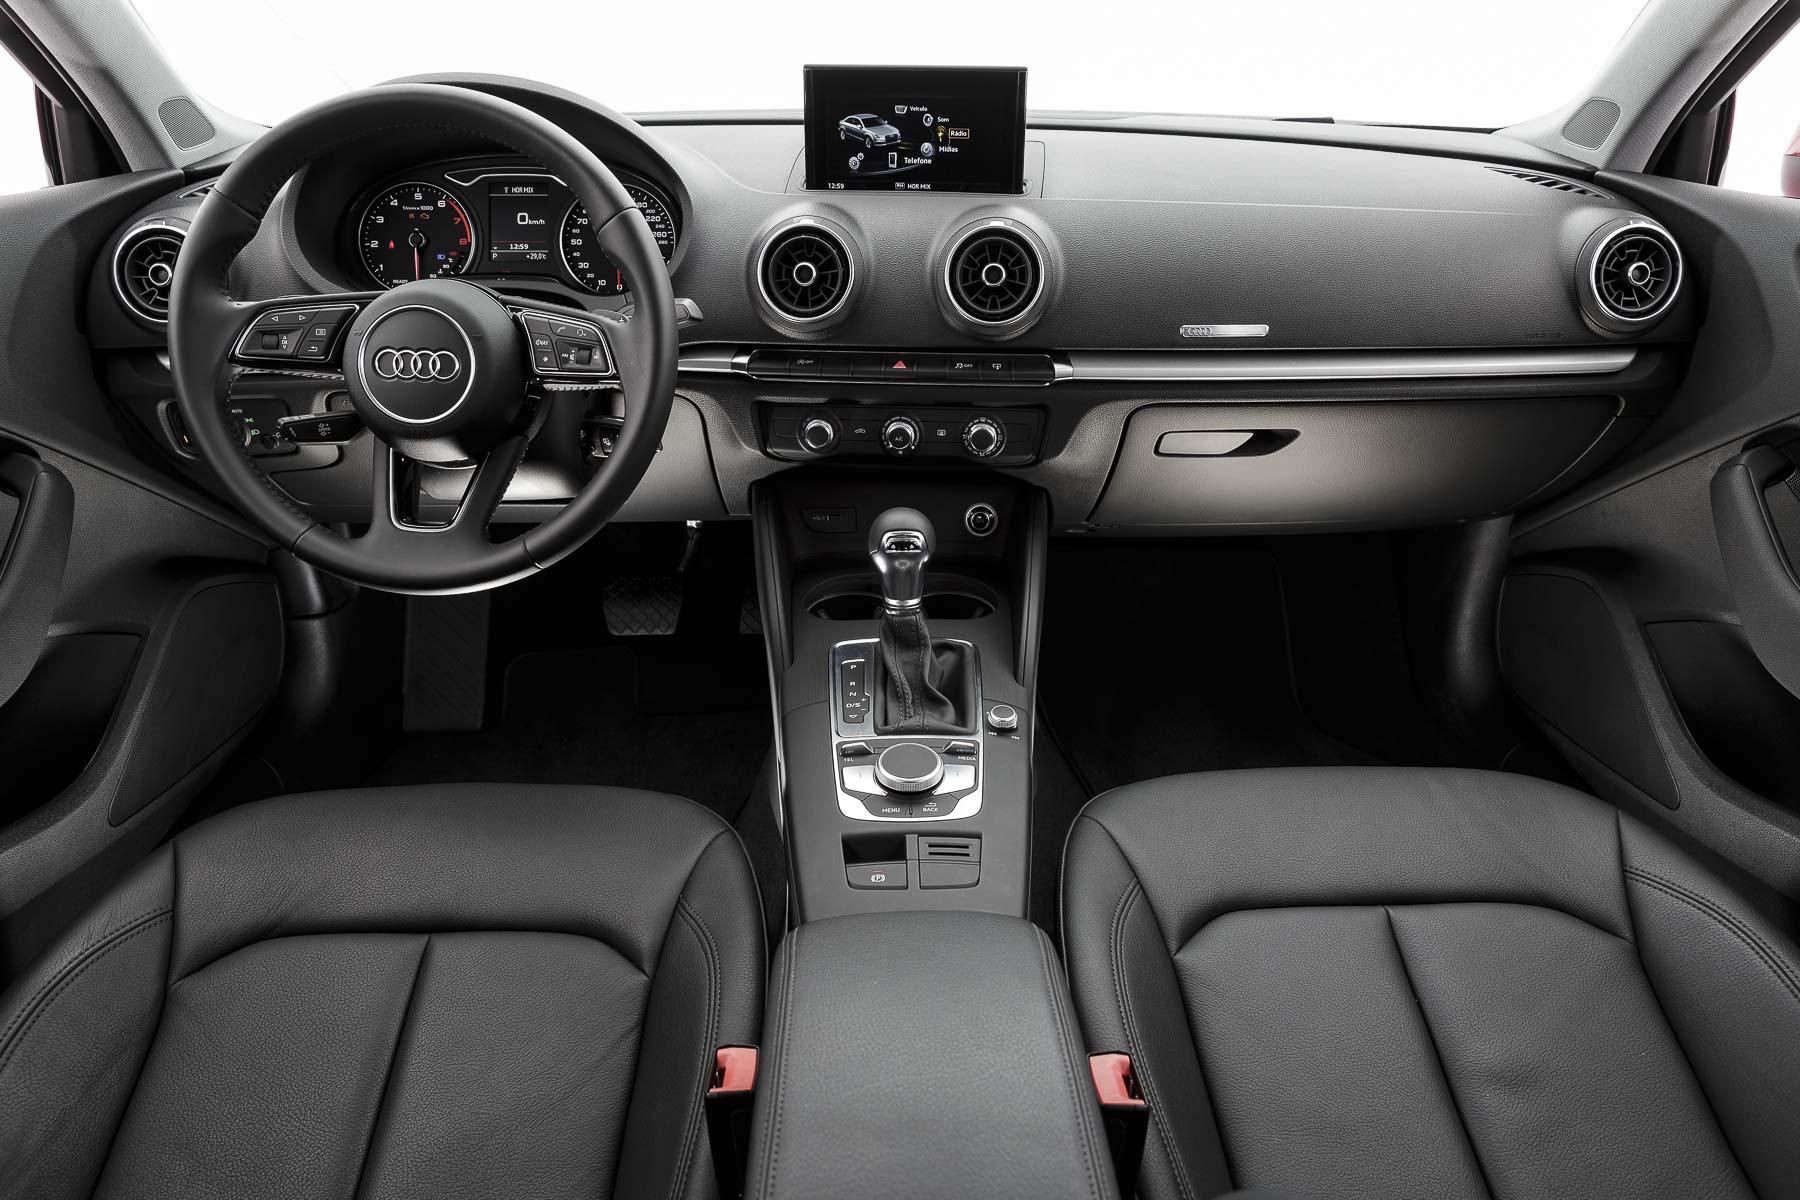 Audi A3 Sedan 1.4 2017